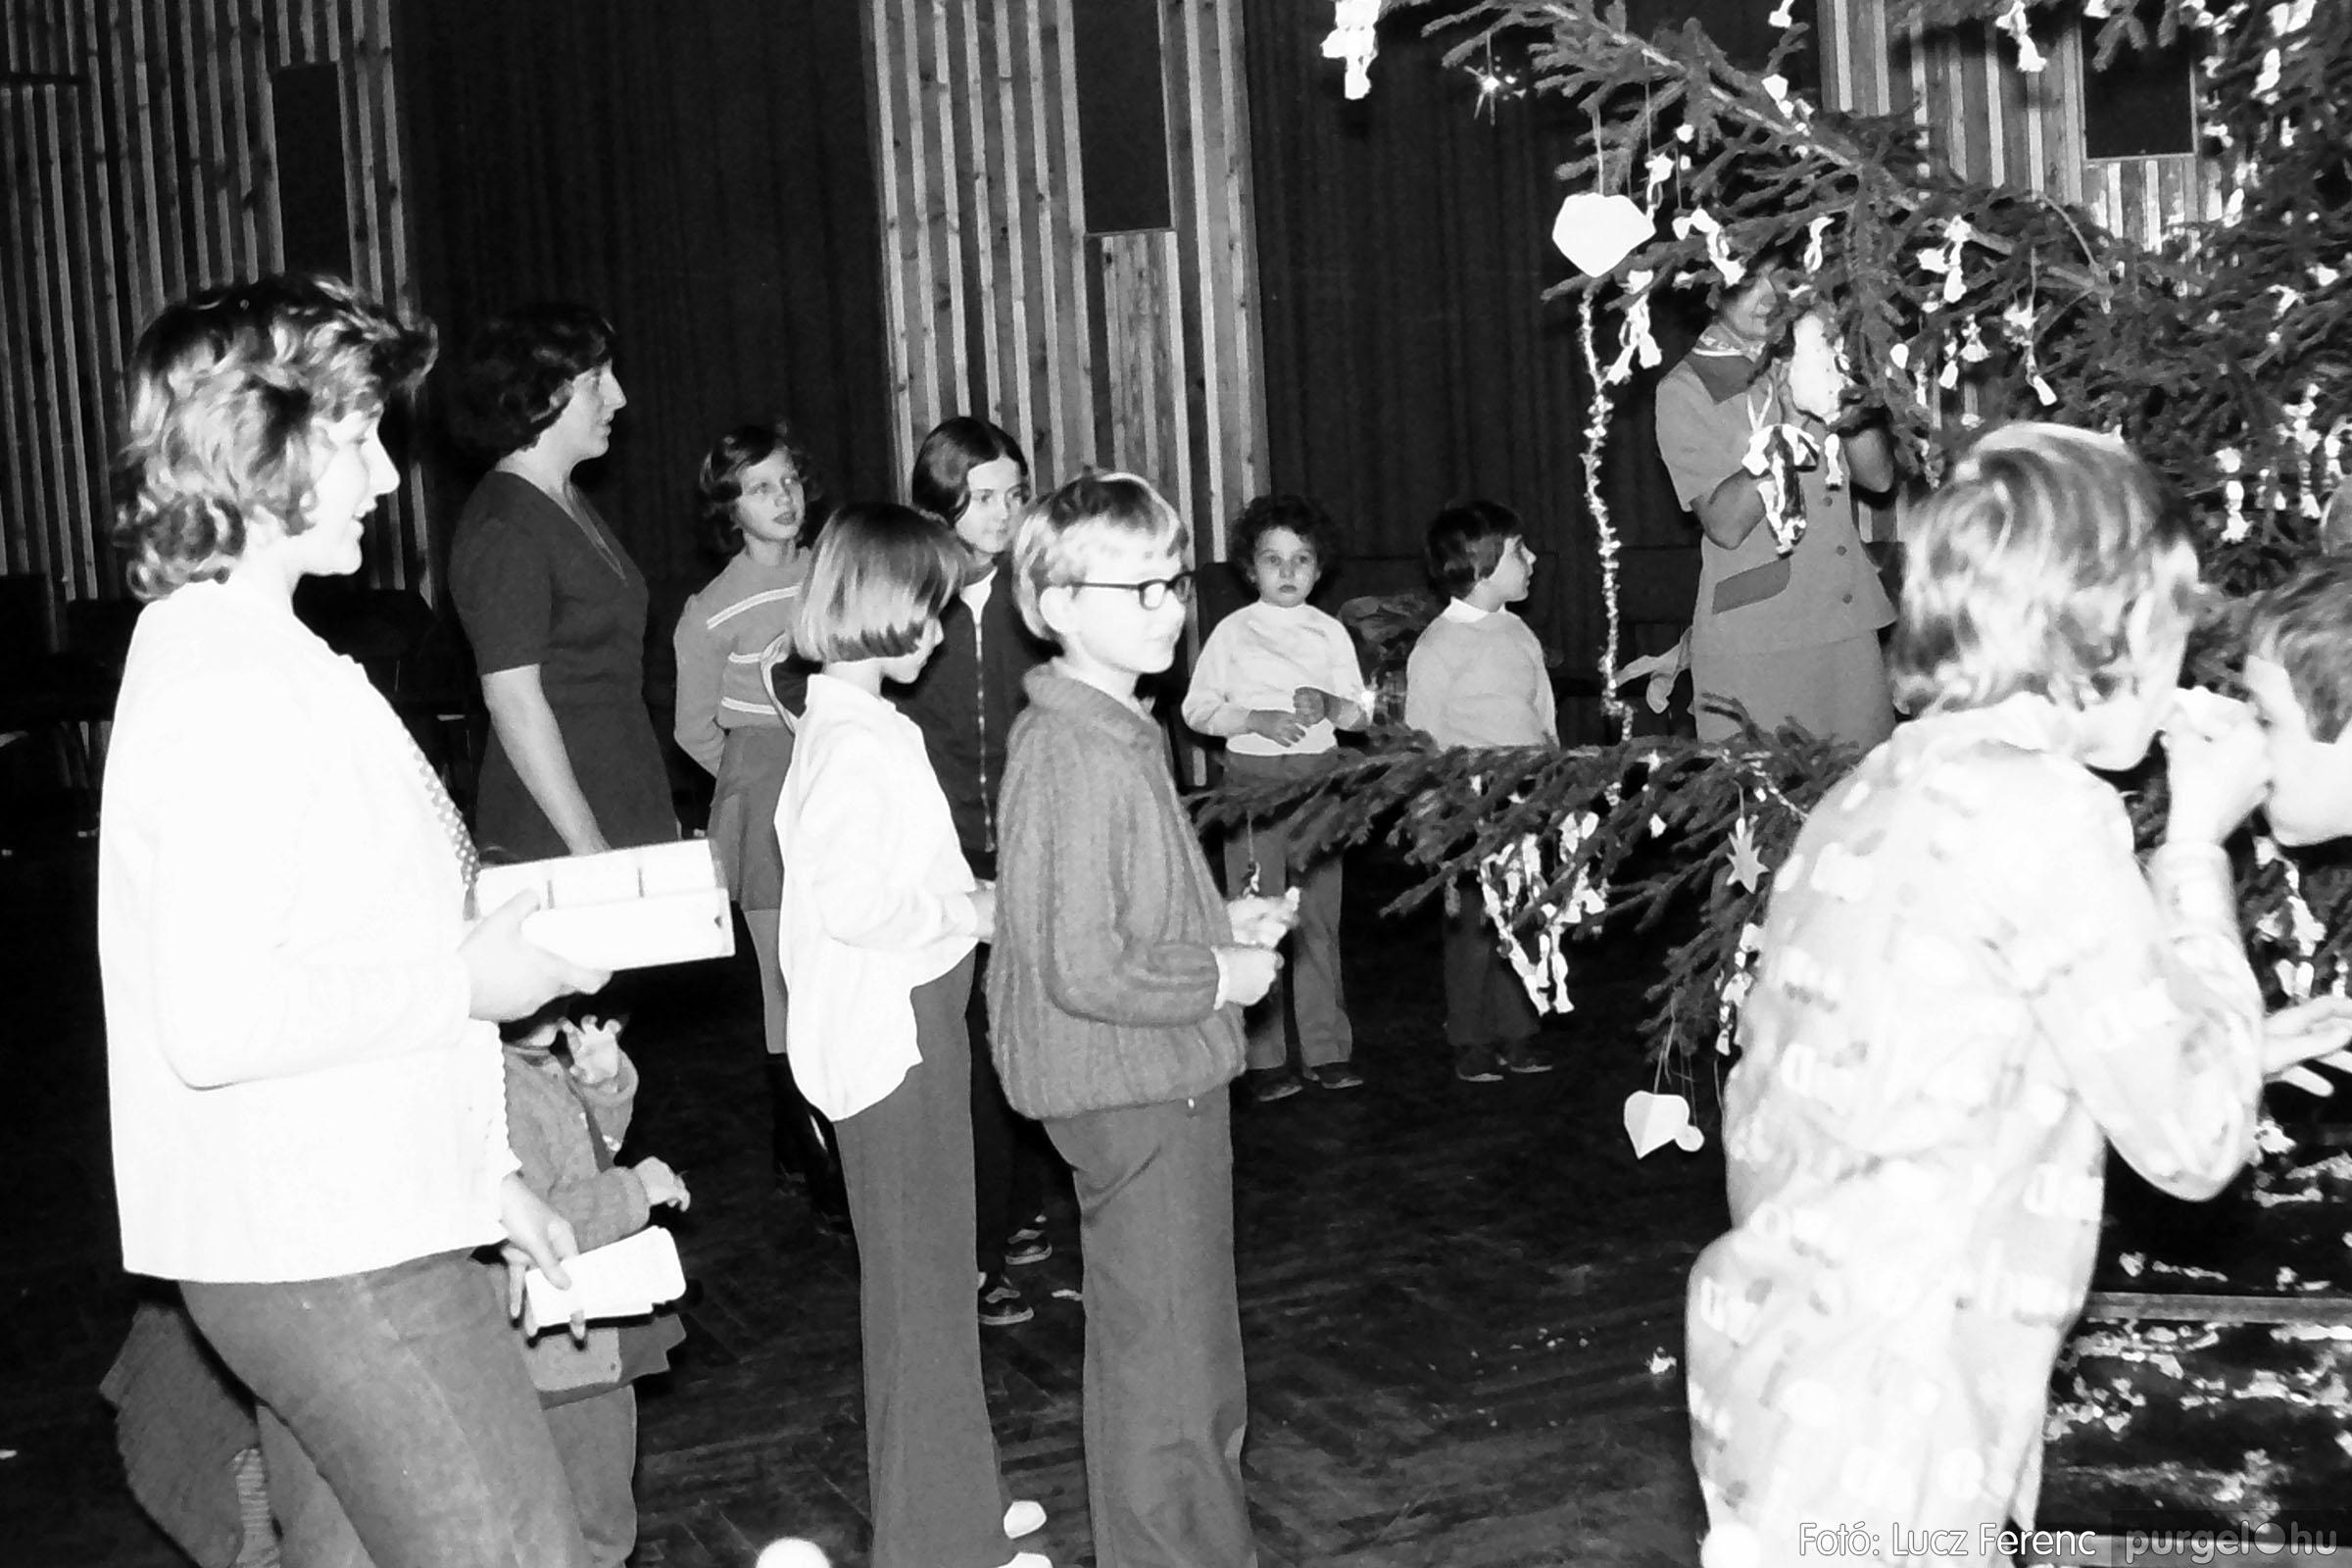 029 1975. Karácsonyi ünnepség a kultúrházban 011 - Fotó: Lucz Ferenc.jpg